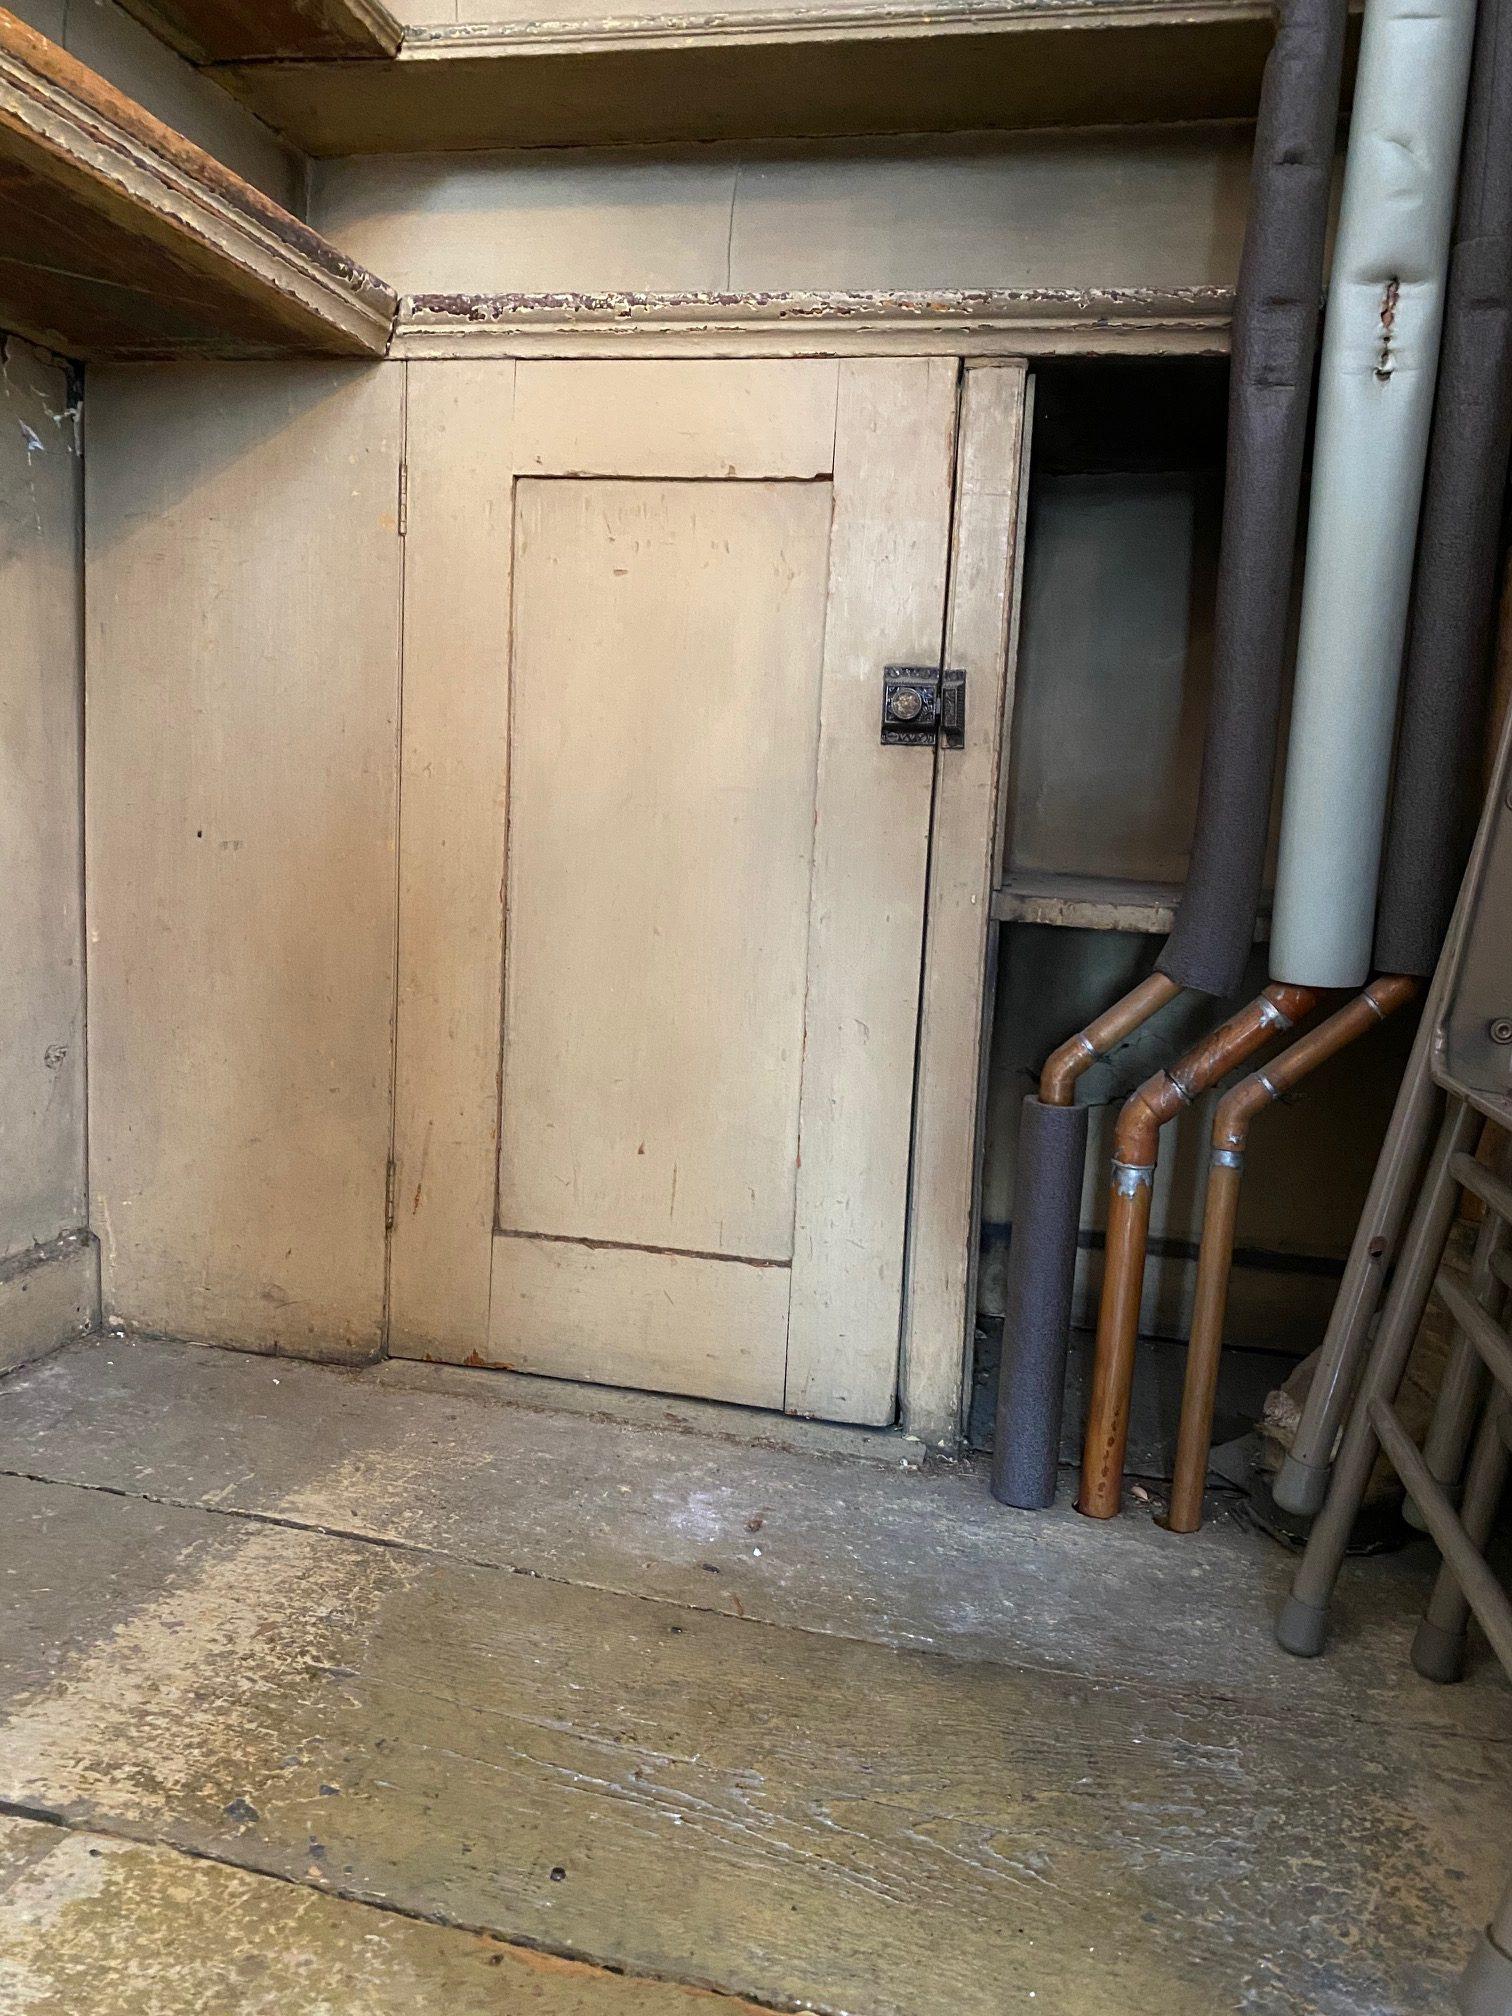 A hidden cabinet, an interesting find!